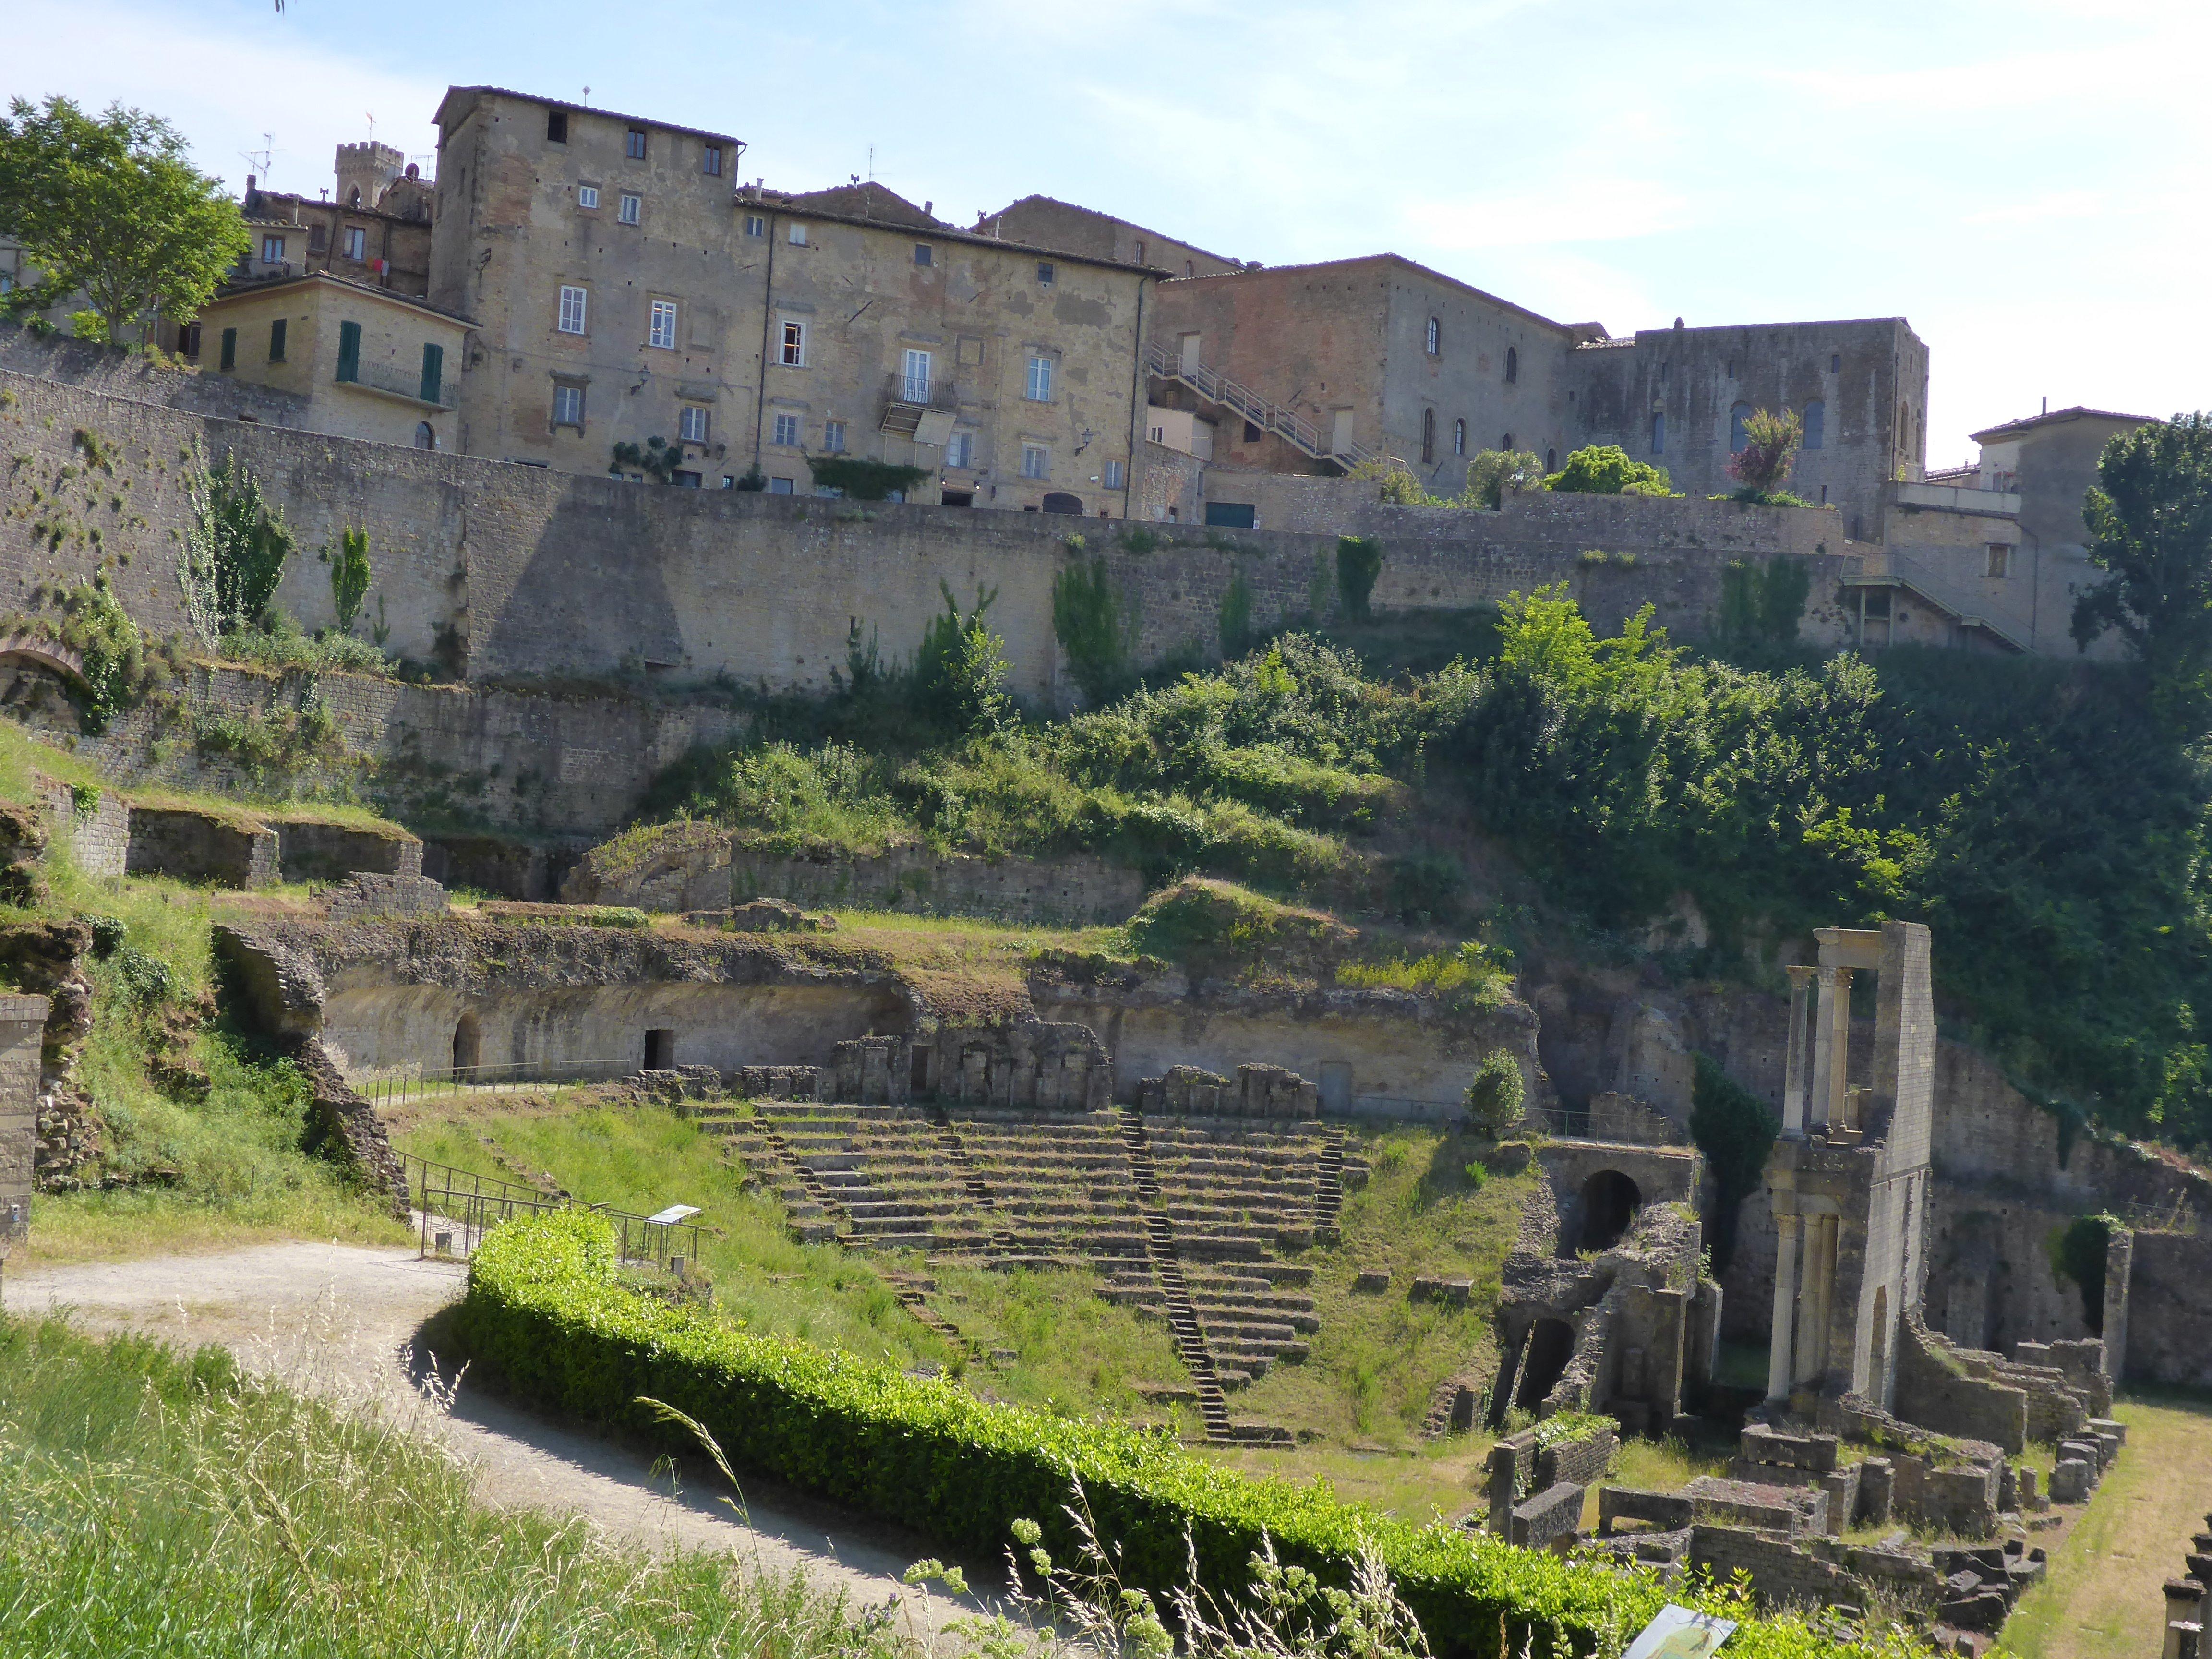 Resten van een Romeins amfitheater in Volterra - Toscane